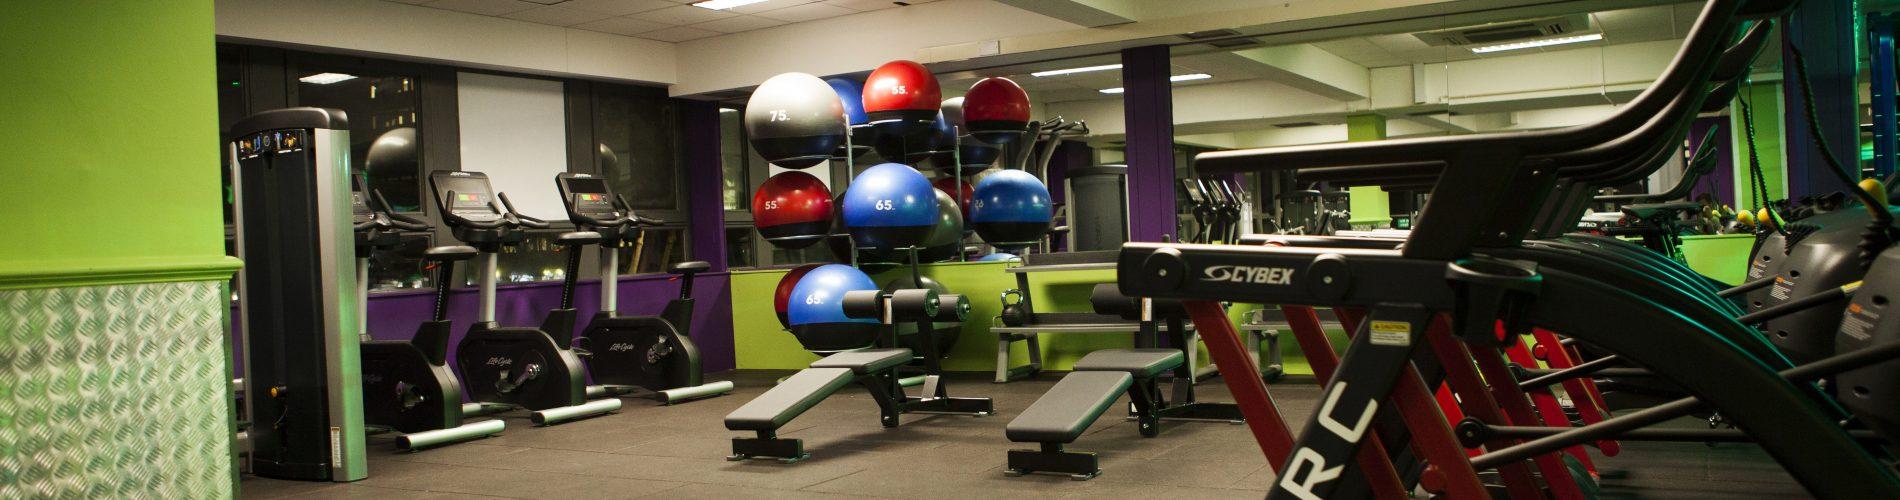 Simply Gym Southend